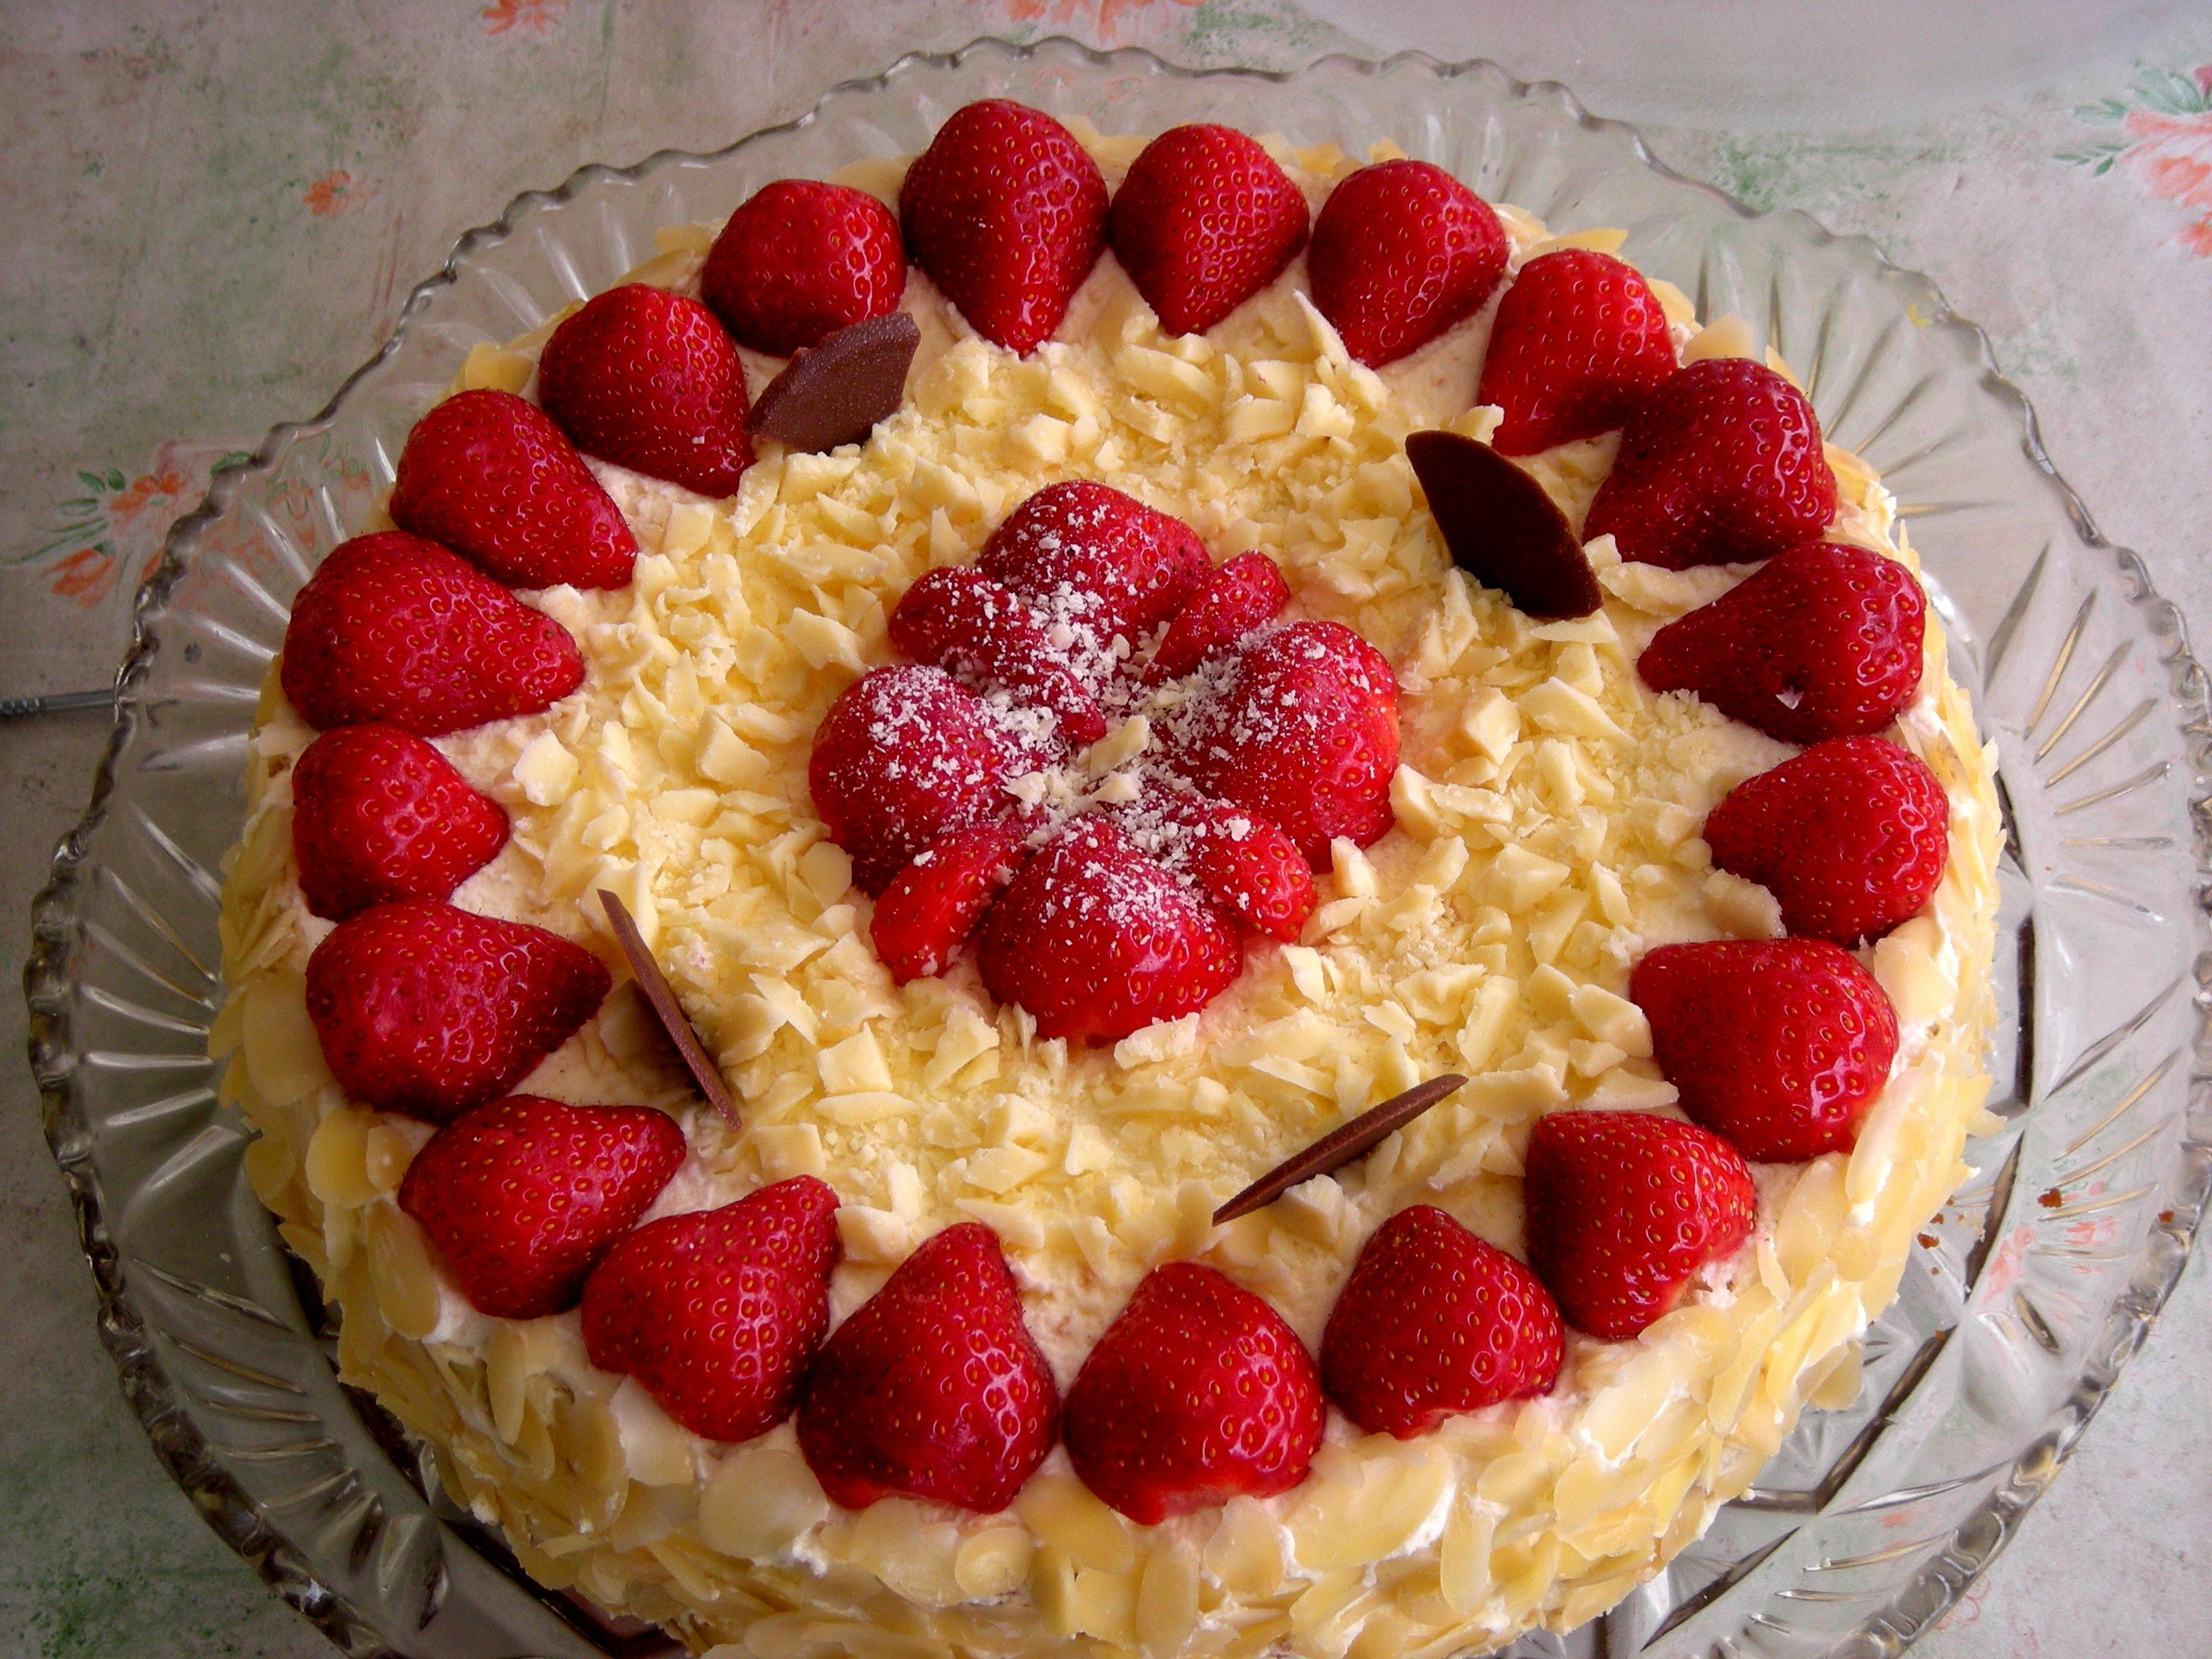 jordgubbstårta med choklad